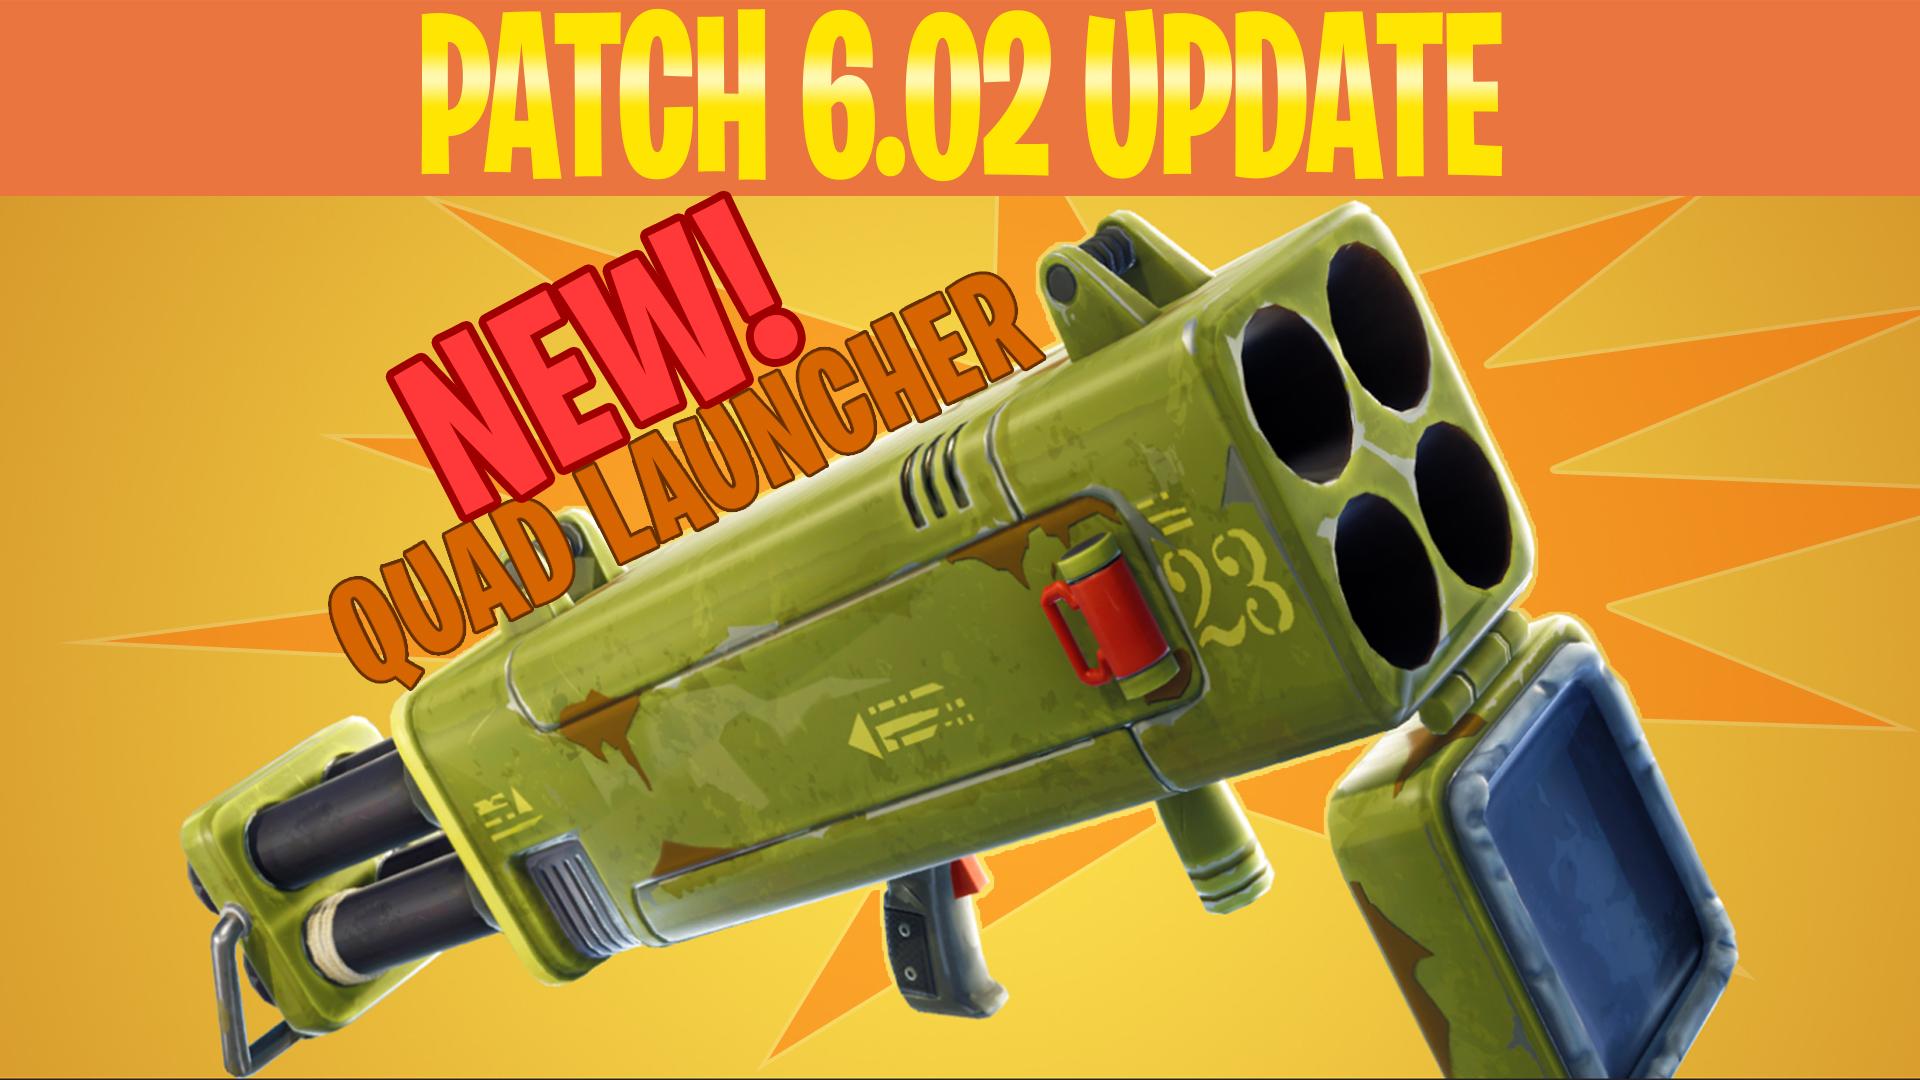 patch v6.02